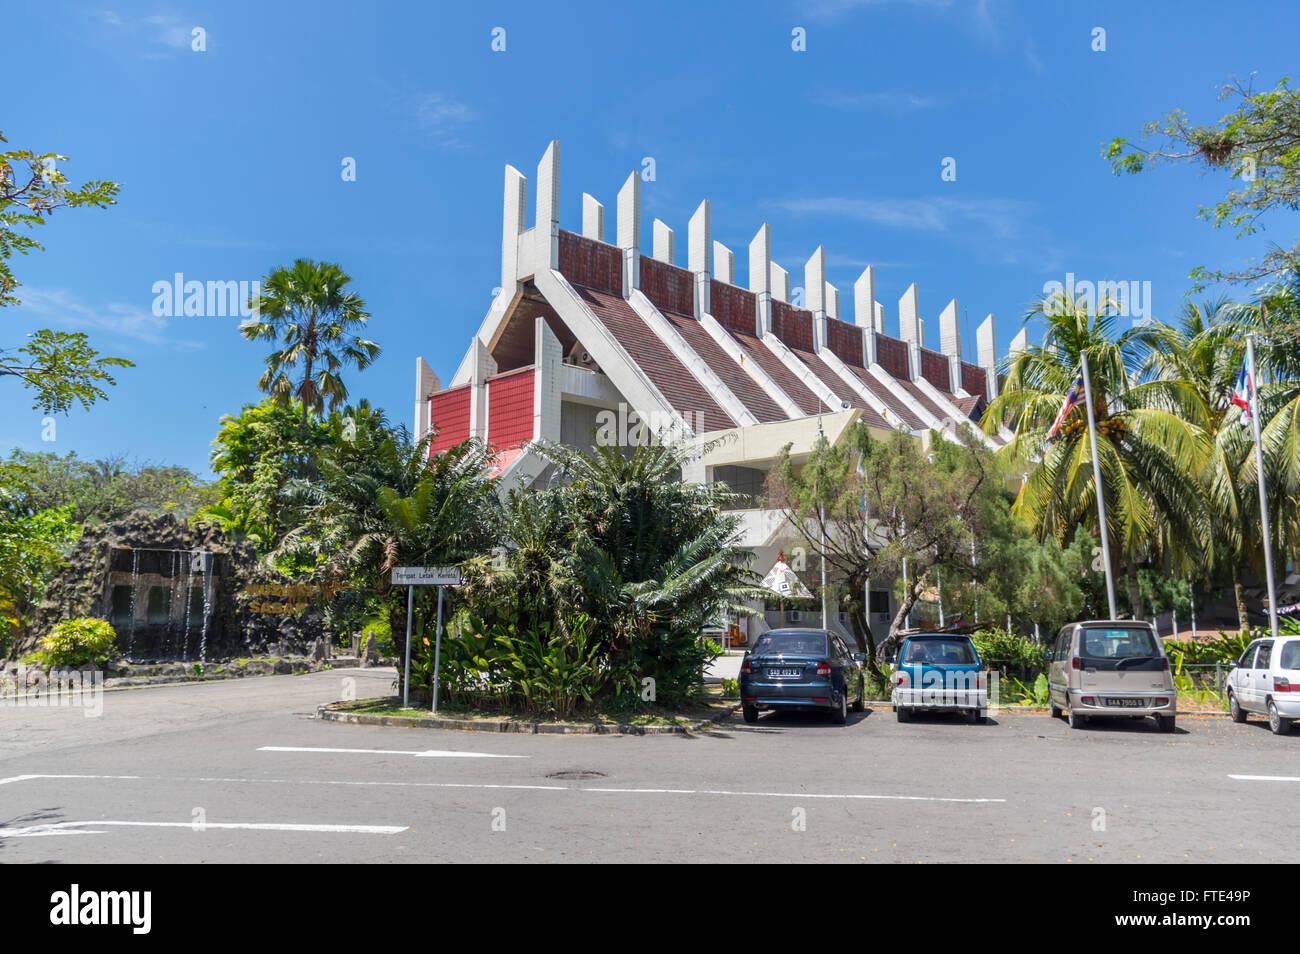 Main building of the Sabah Museum (Muzium Sabah), designed as a traditional Rungus longhouse. Kota Kinabalu, Malaysia. - Stock Image